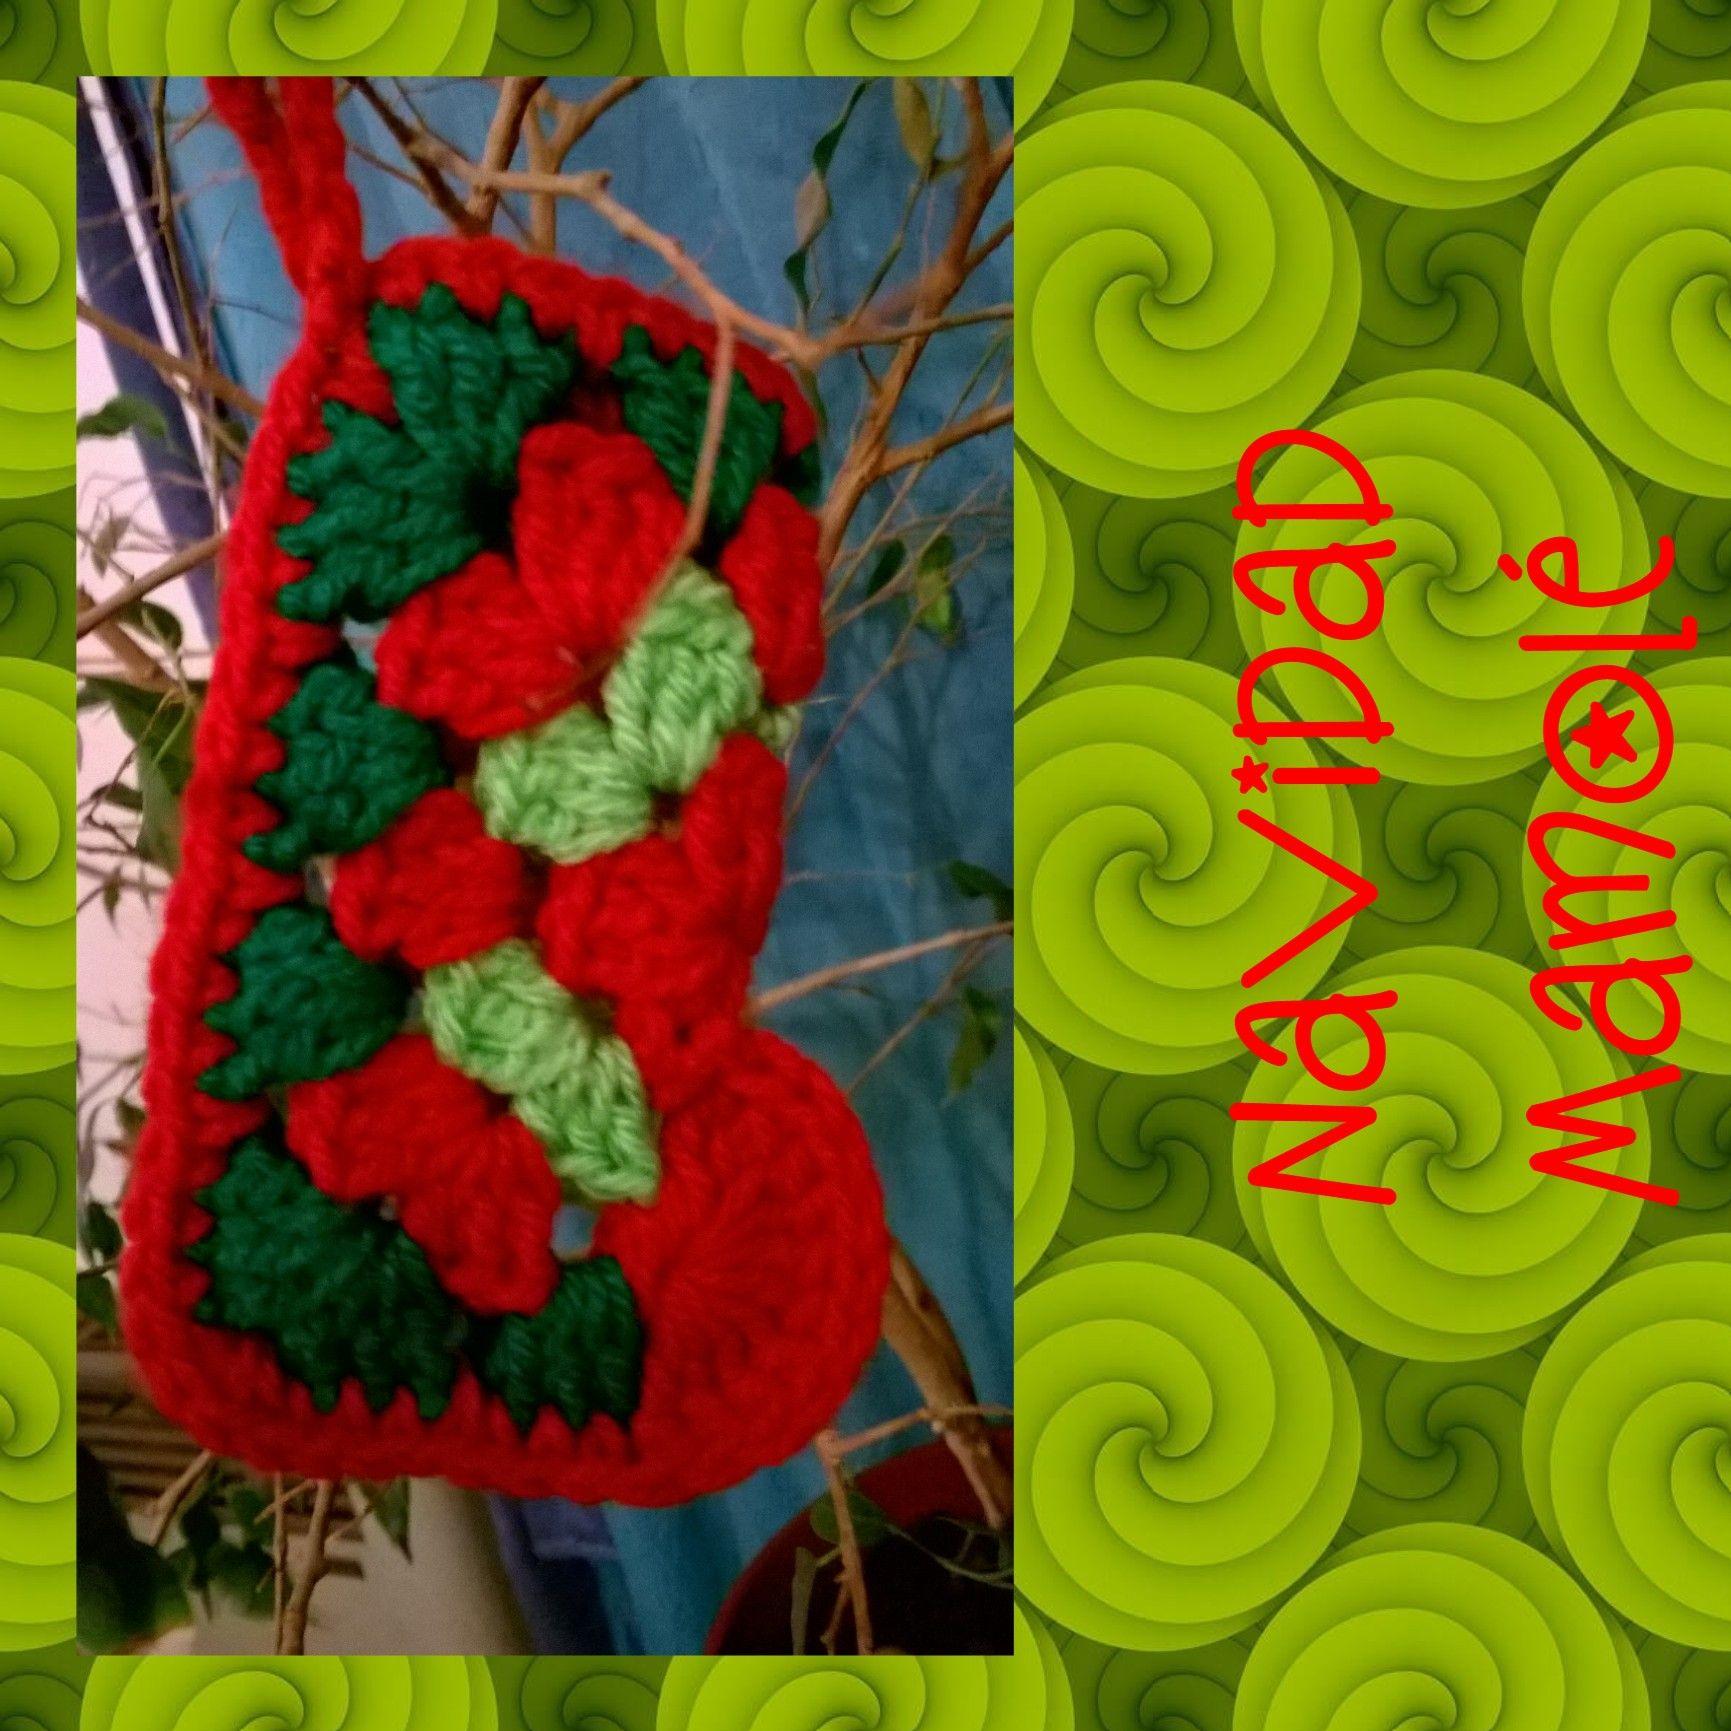 Botita Noel fue pensada para dos cosas: Contener un pequeño presente o mensaje y ser parte del #arbolito. #Navidad #AdornosNavideños #HechoAMano